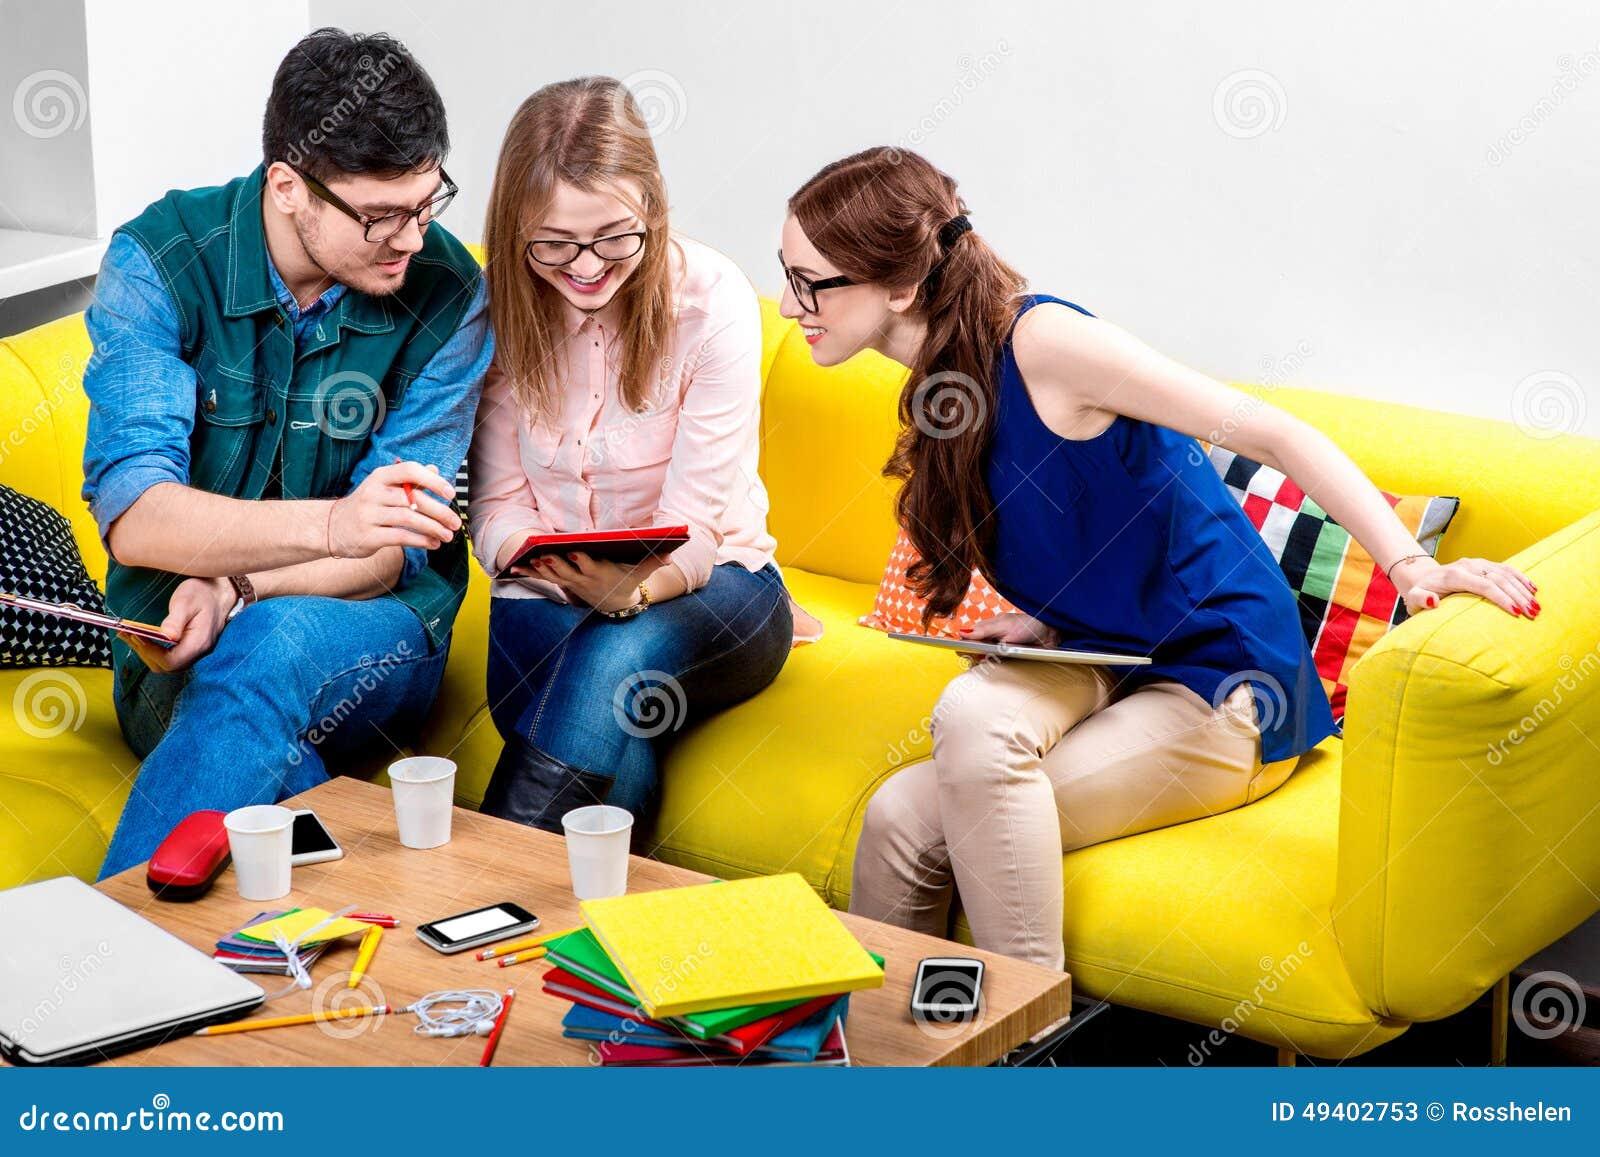 Download Studenten, Die An Der Couch Arbeiten Stockbild - Bild von entwerfer, sonderling: 49402753